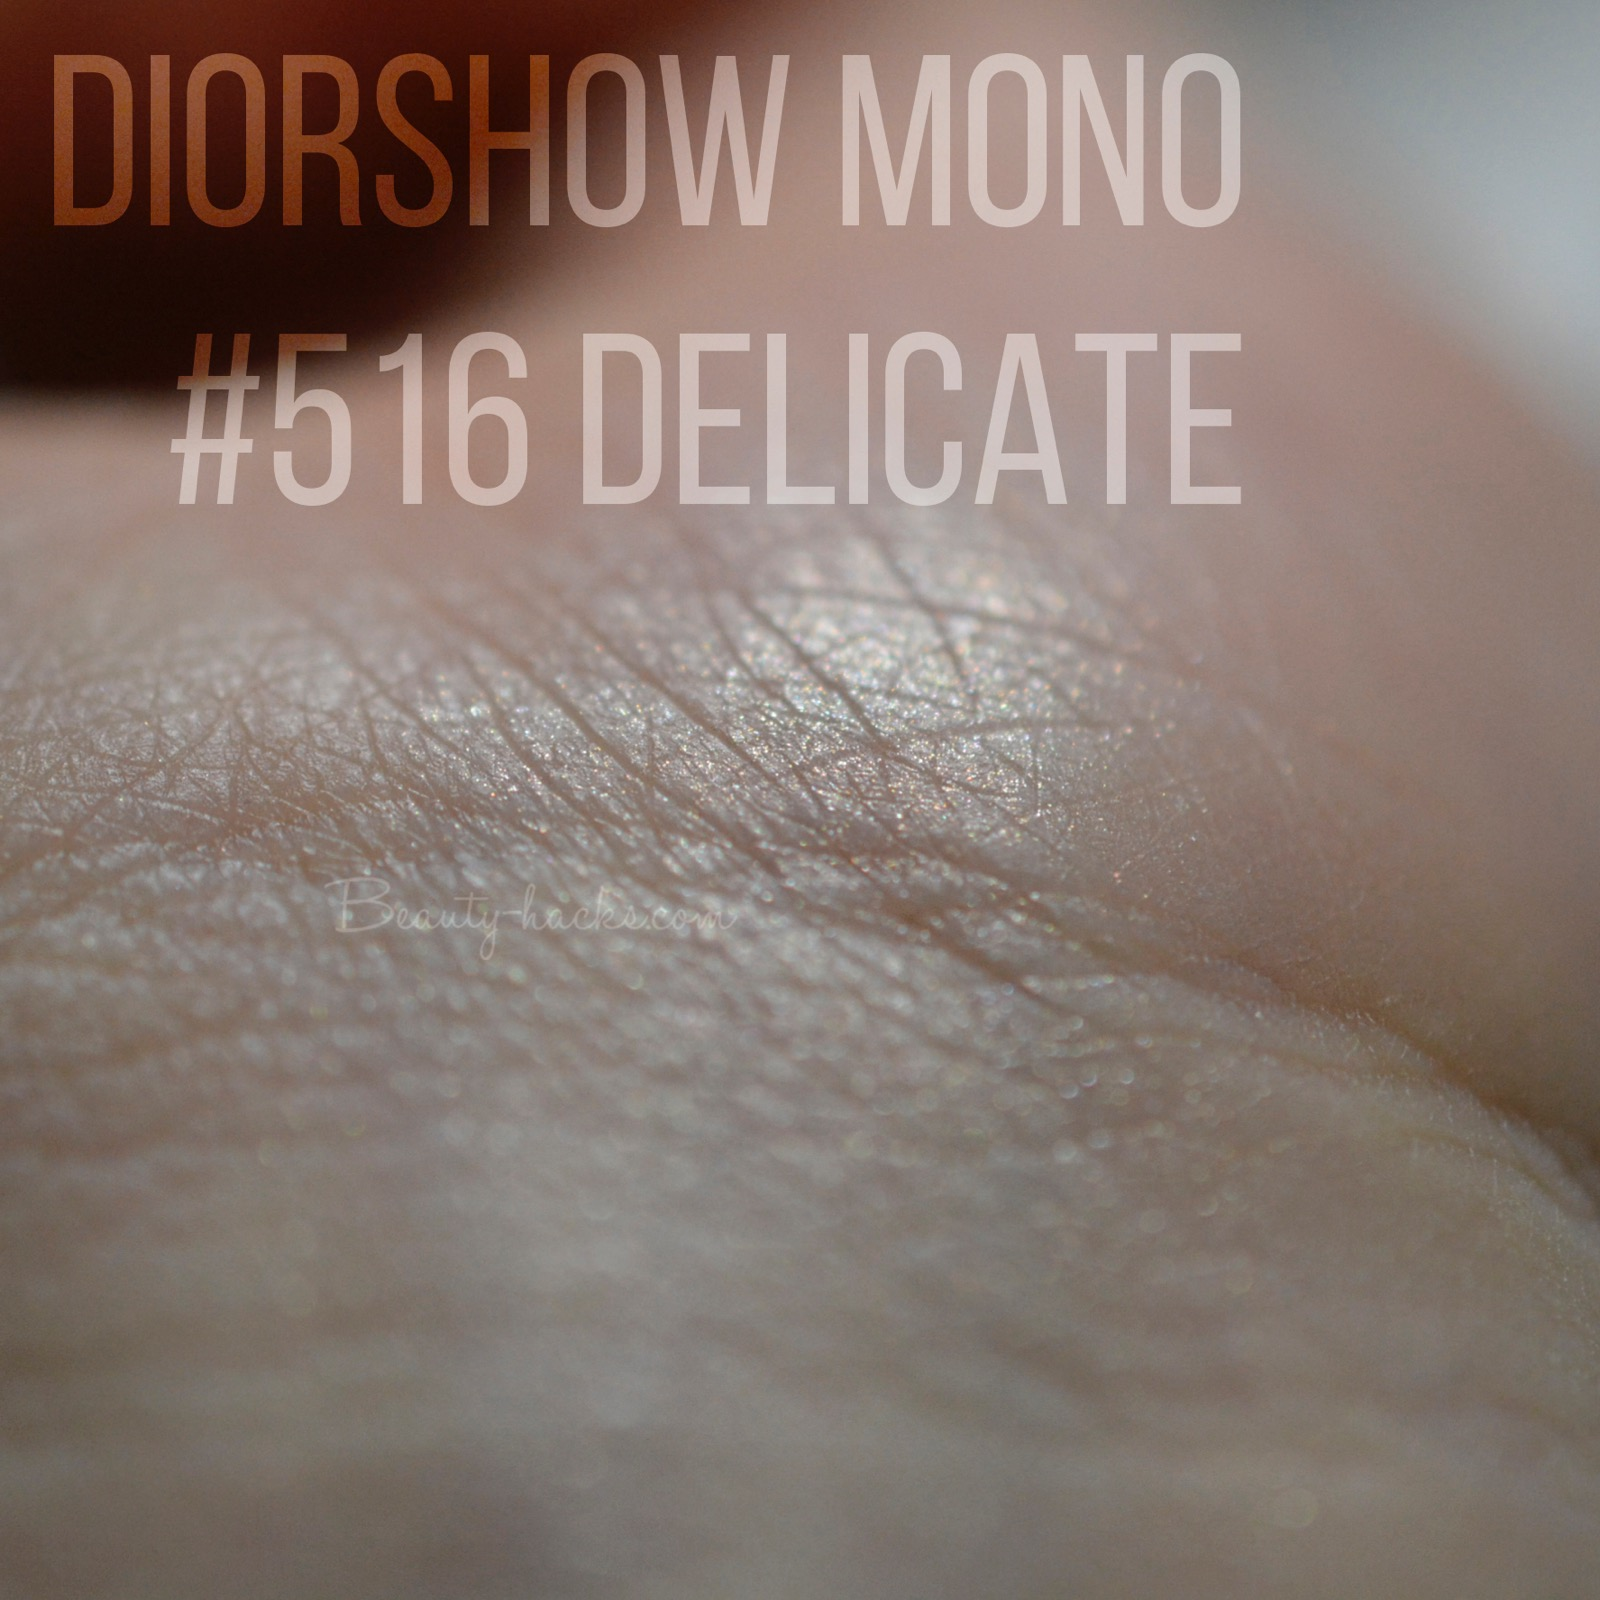 DIORSHOW MONO 516 DELICATE